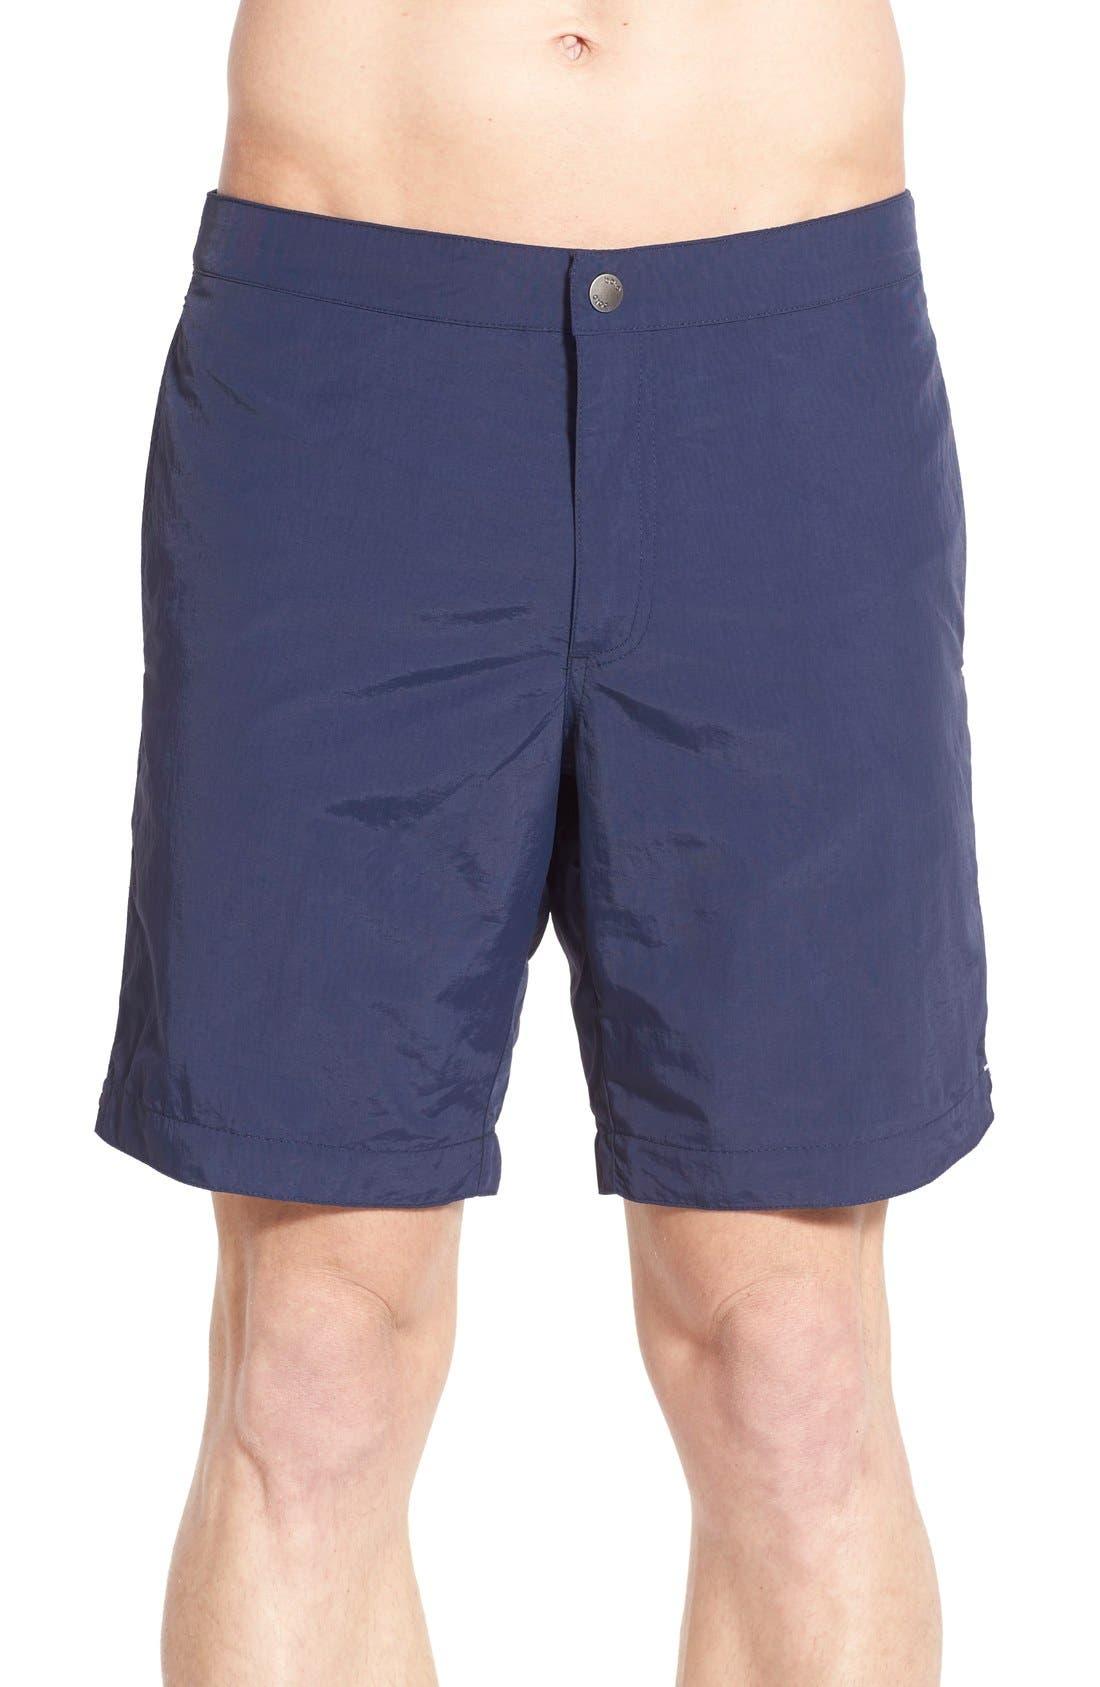 Aruba Tailored Fit 8.5 Inch Swim Trunks,                         Main,                         color, 415